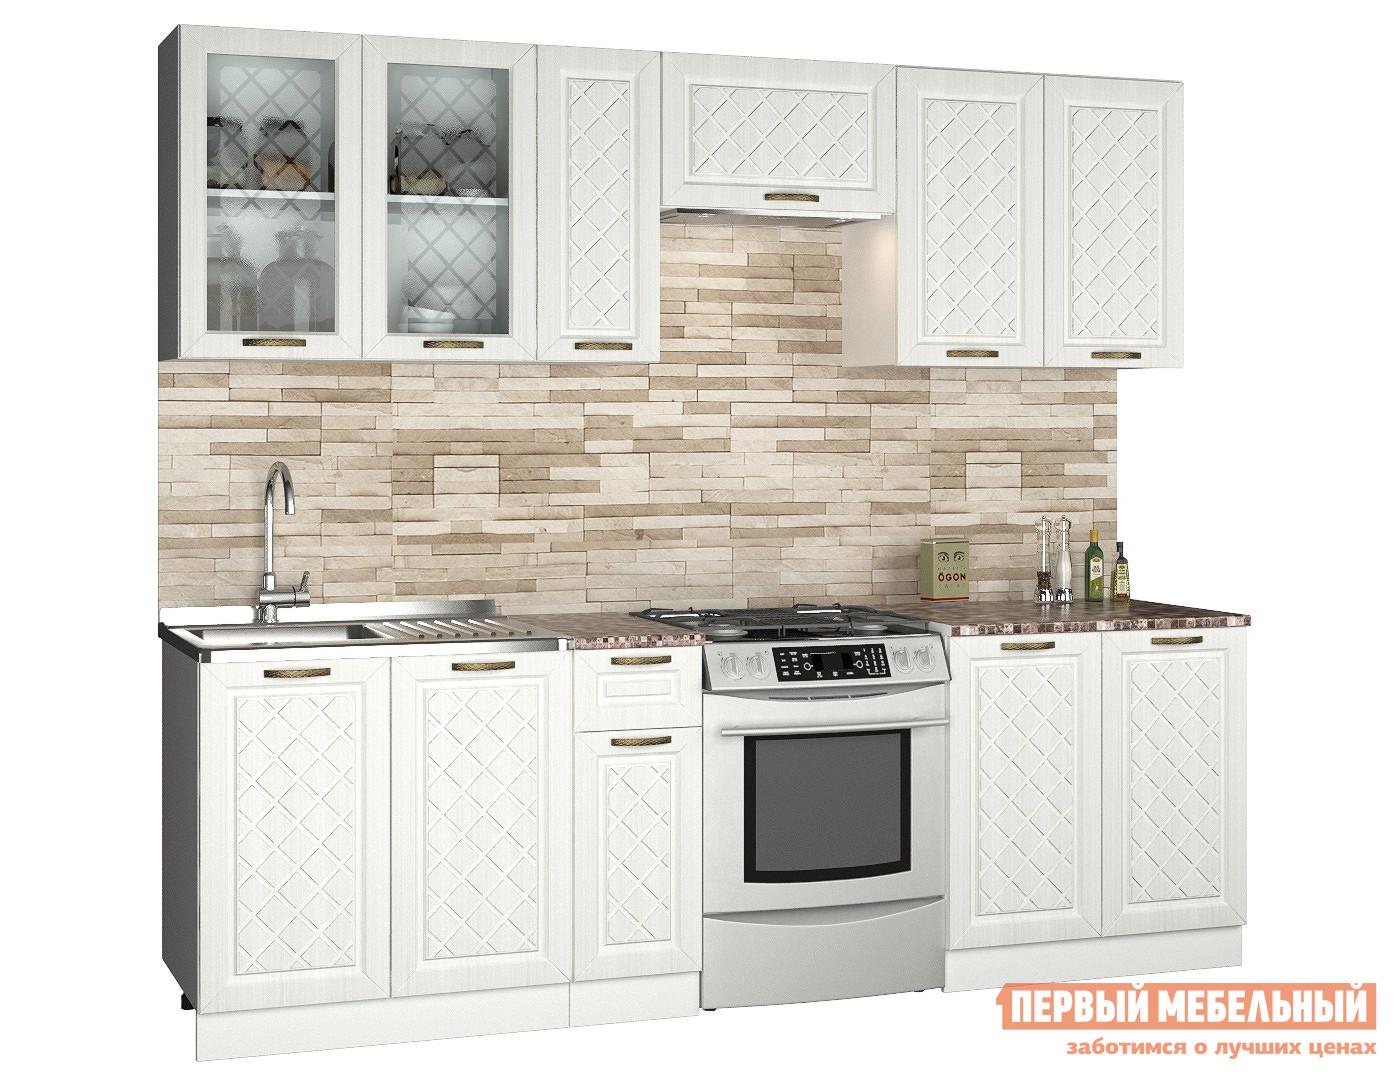 Прямой кухонный гарнитур Первый Мебельный Агава 2.5 м